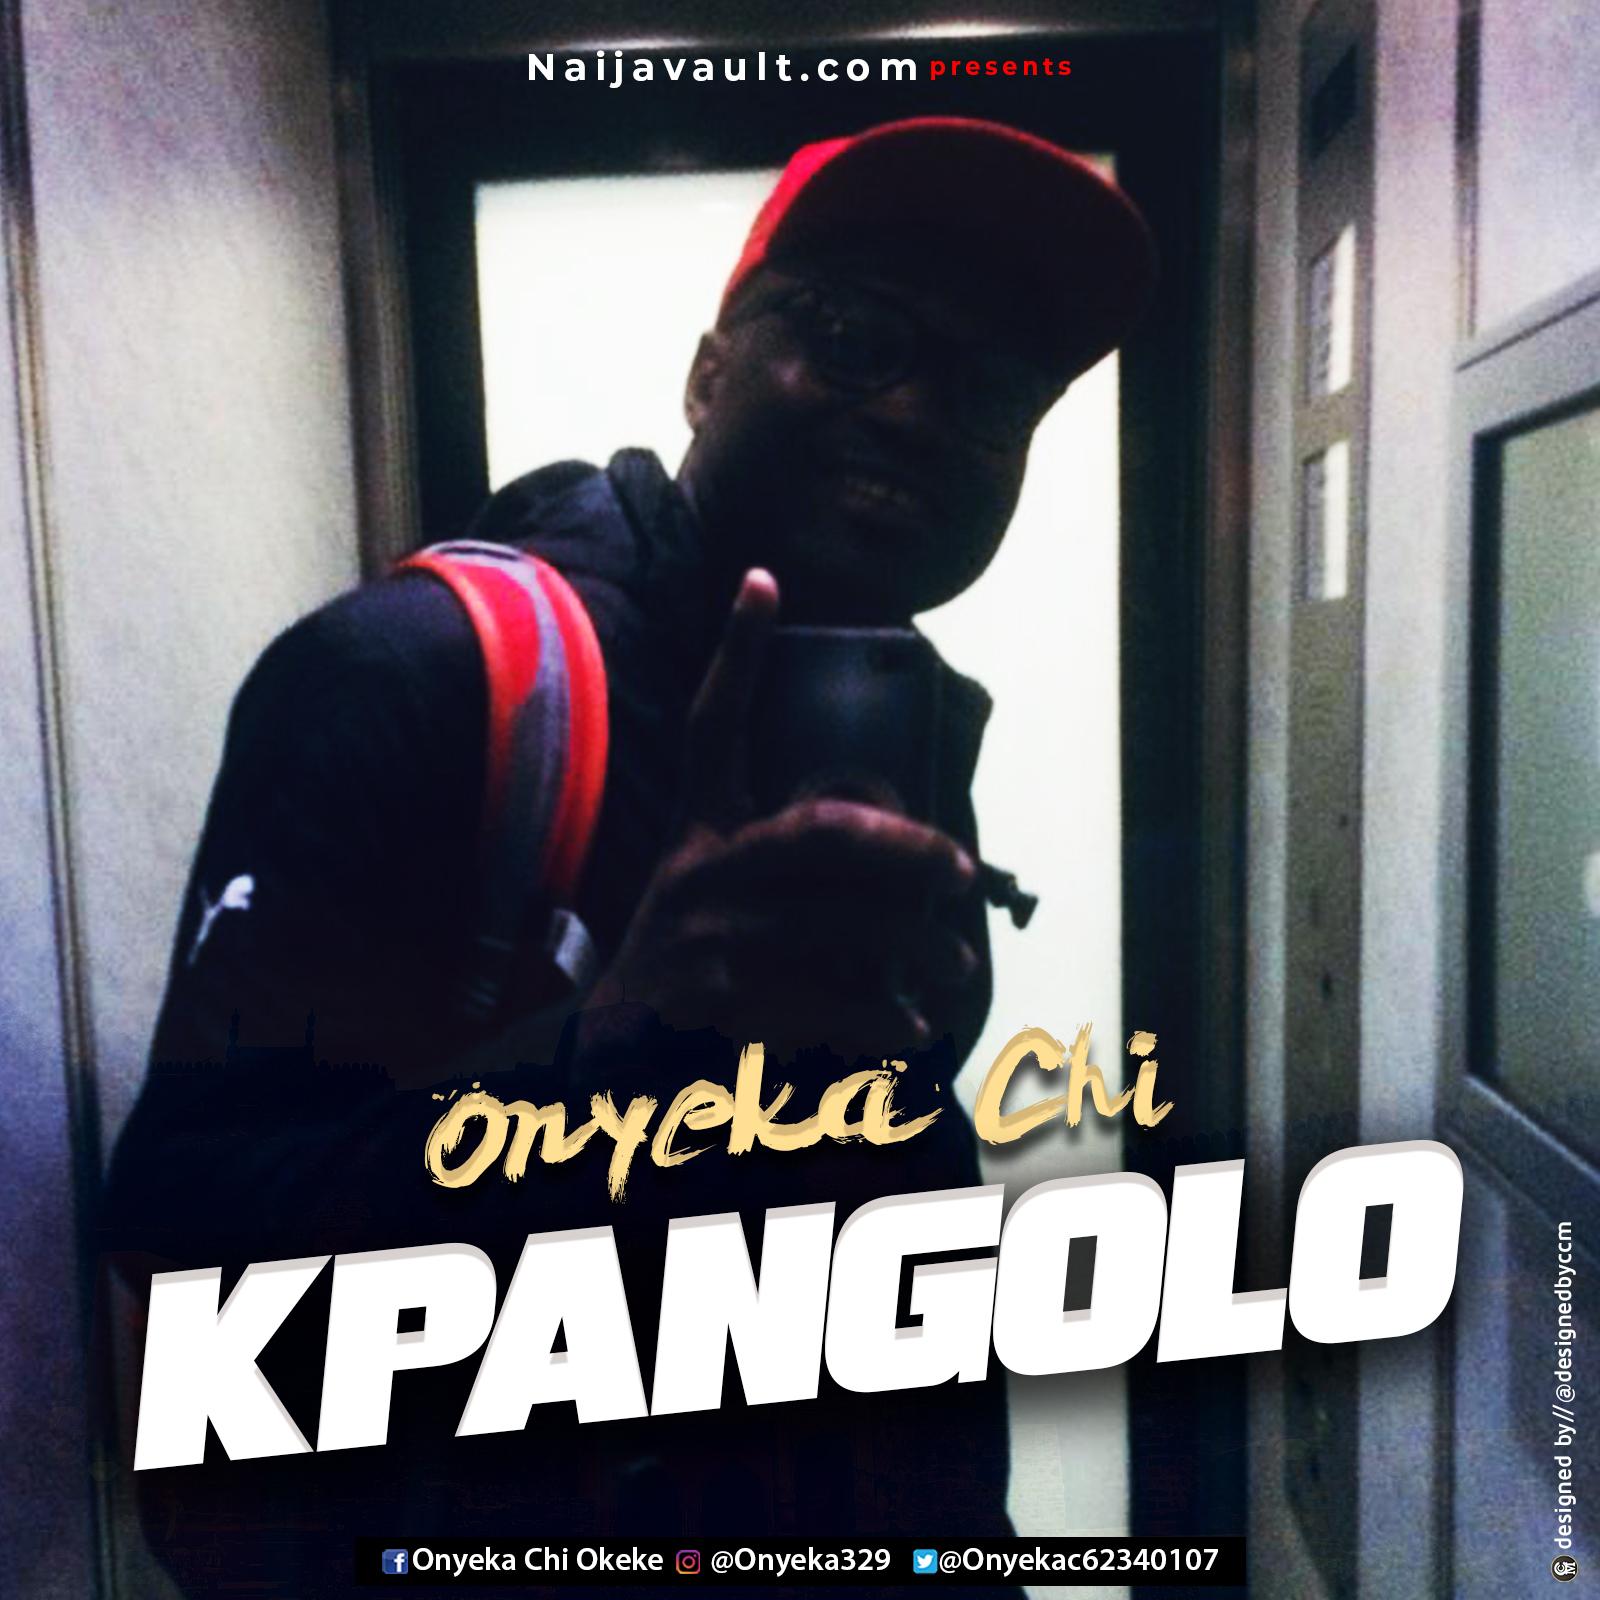 Onyeka Chi Kpangolo mp3 download